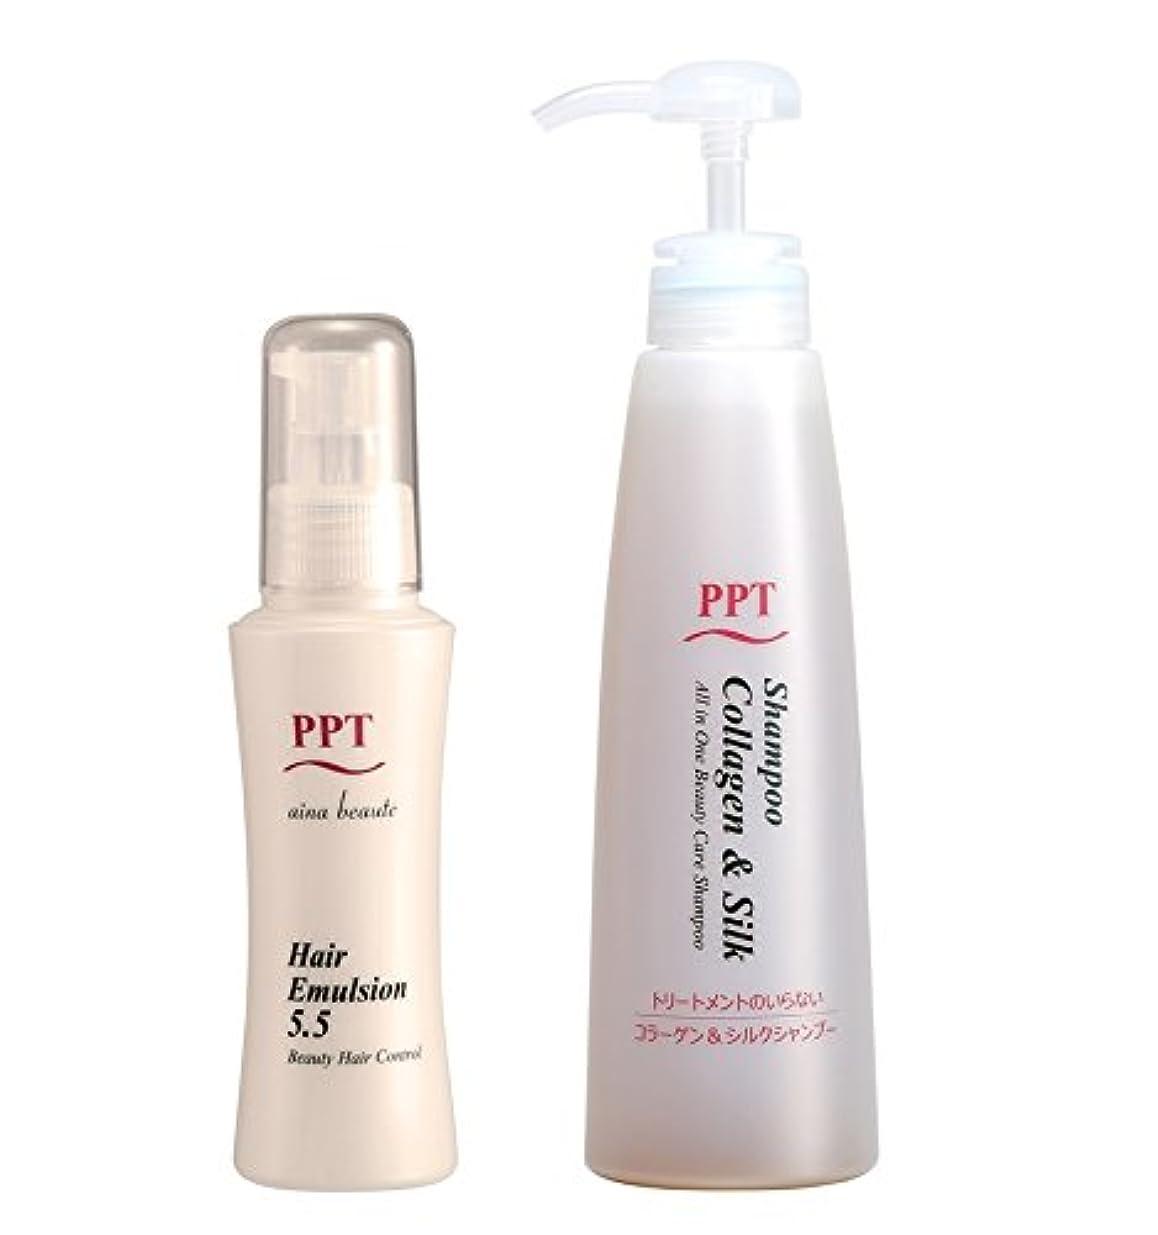 おかしいに負けるピーストリートメント不要 PPTコラーゲン&シルクシャンプー乾燥肌~普通肌用(しっとり),PPTヘアエマルジョン5.5セット